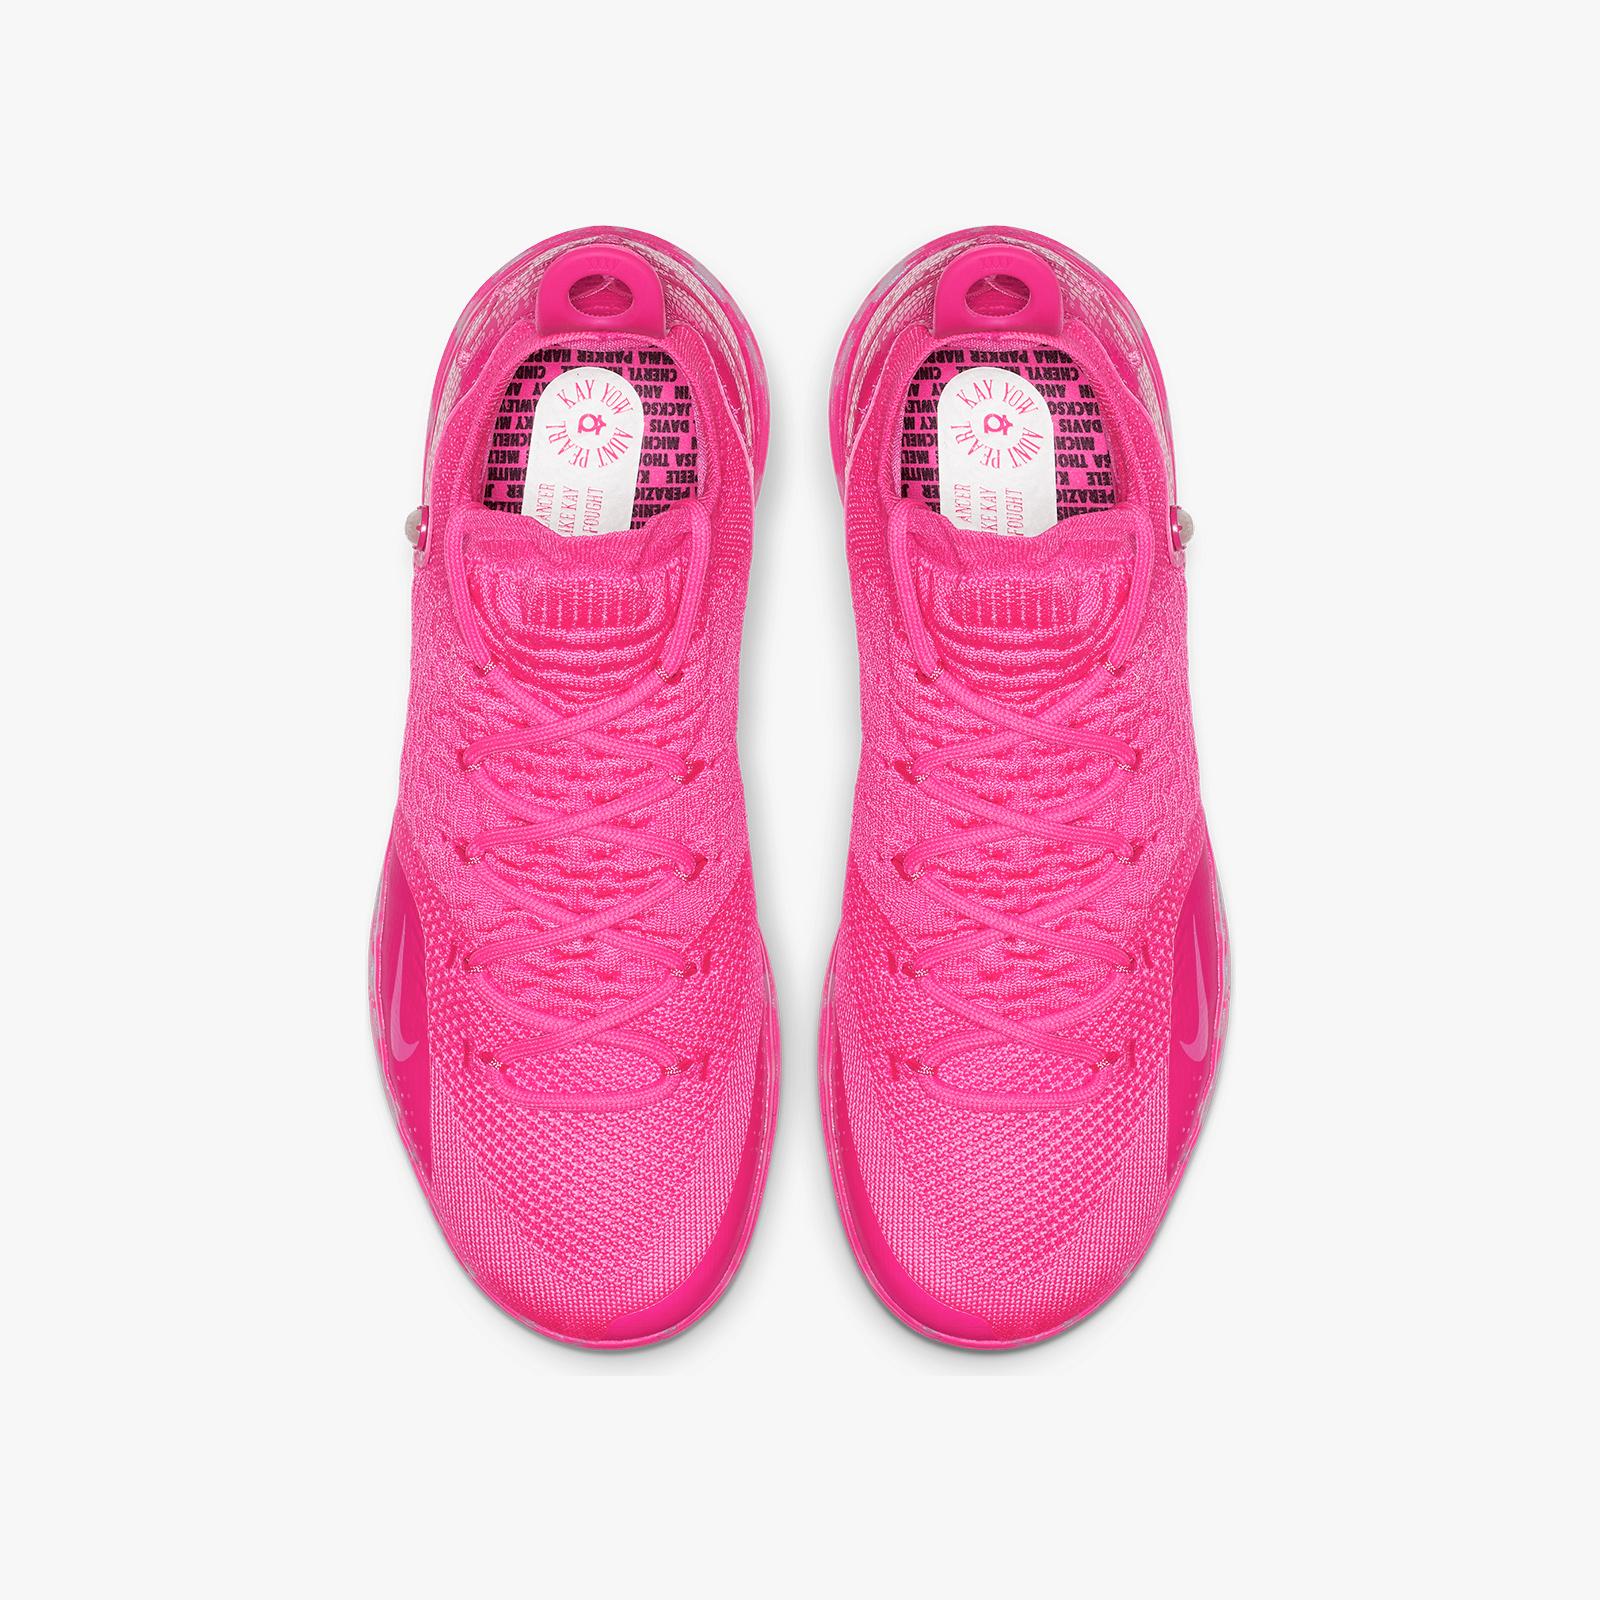 Nike Zoom KD11 AP - Bv7721-600